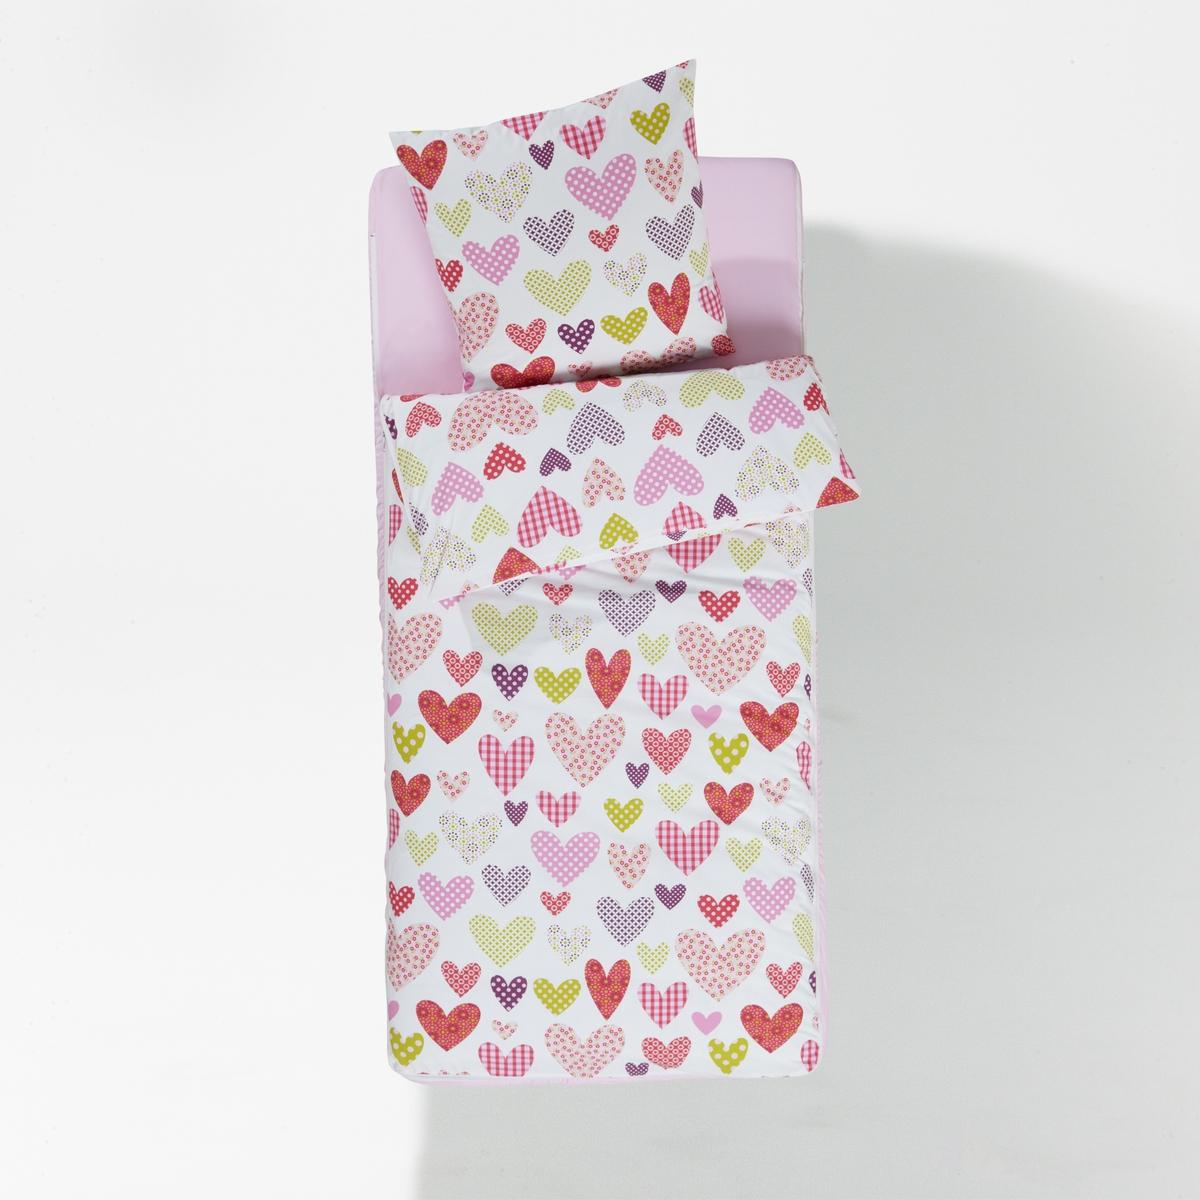 Комплект постельный с одеялом из La Redoute Серии готов ко сну Love 90 x 190 см розовый мат для защитный для автомобиля мастерпроф с возможностью крепления на углах и колоннах 33 x 20 x 1 см